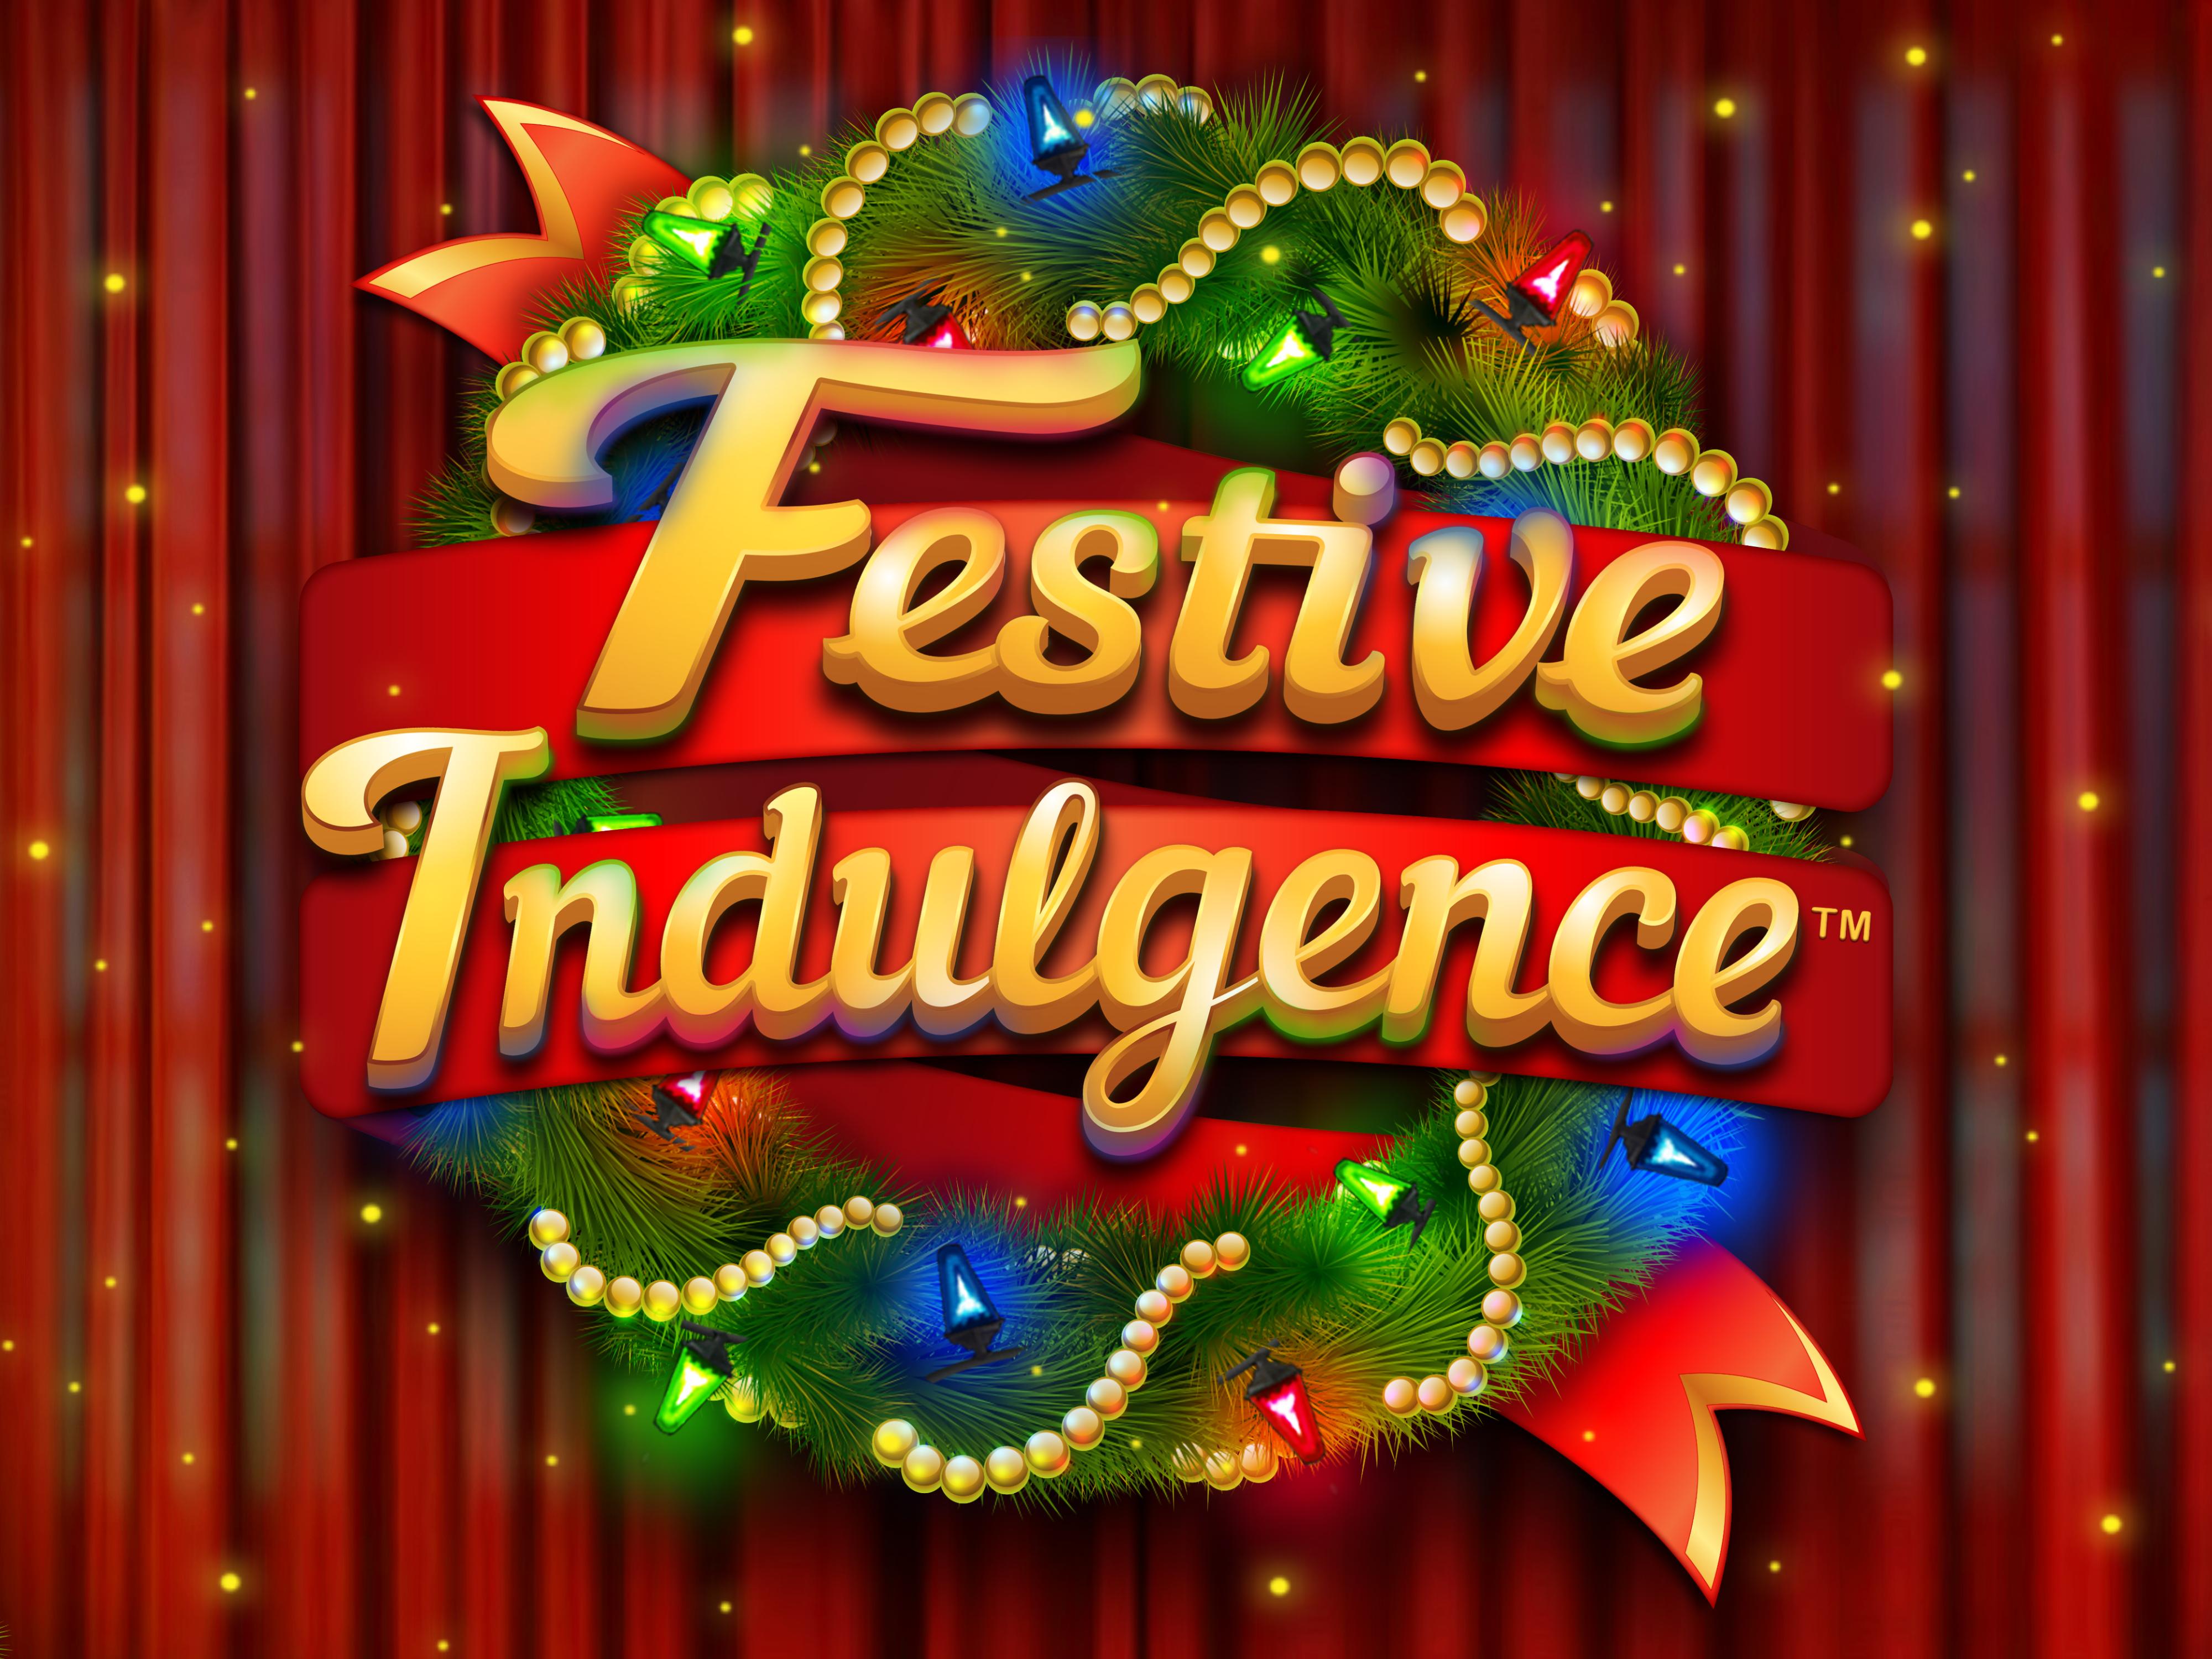 Festive Indulgence game logo